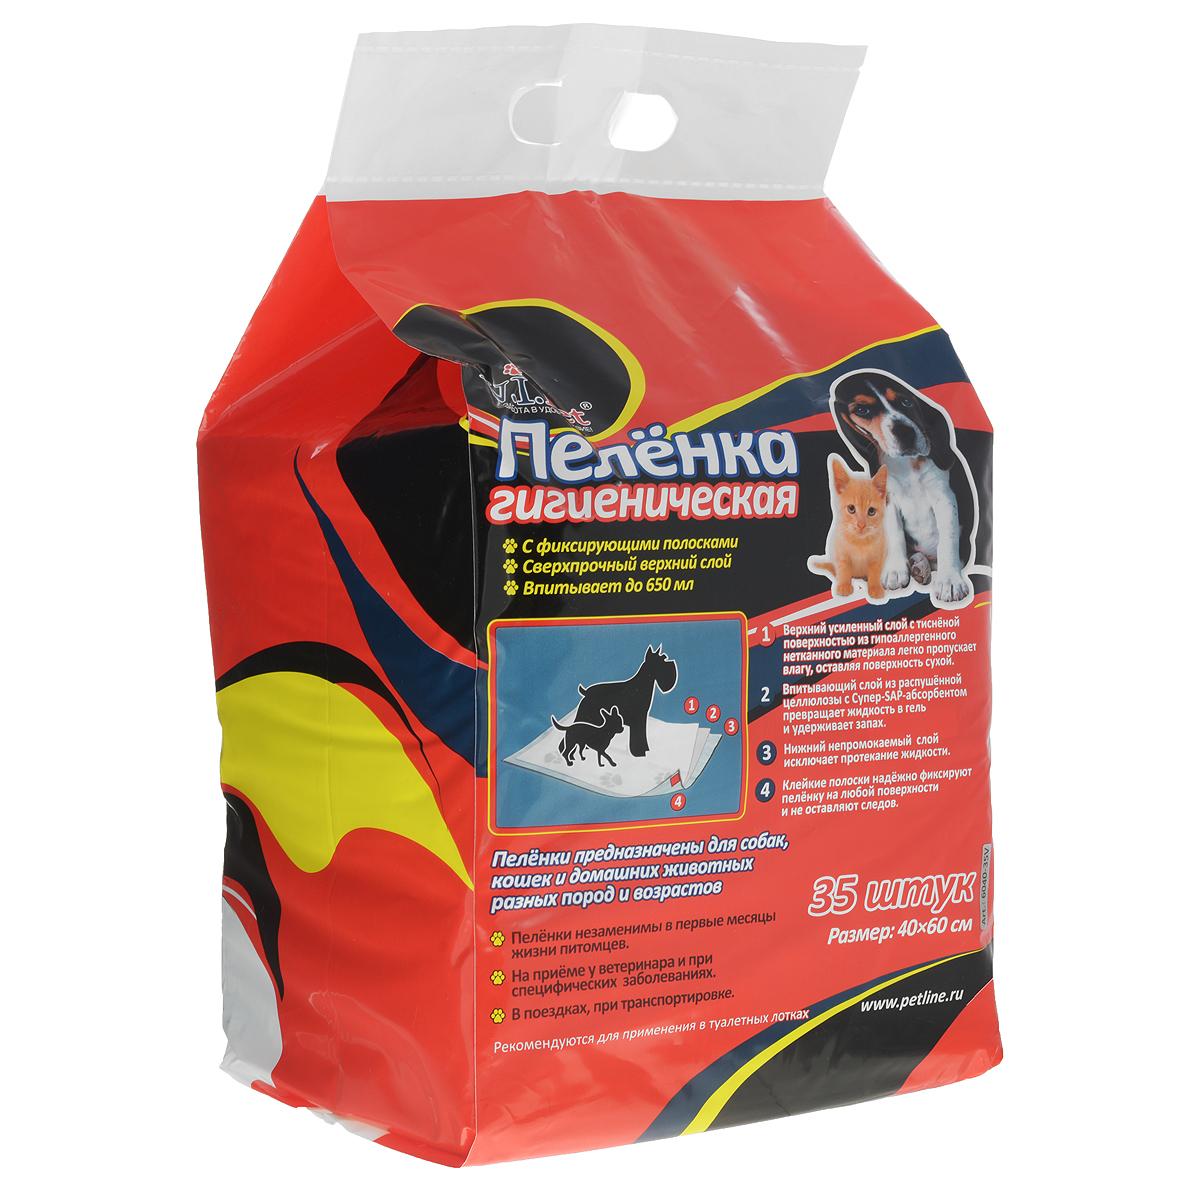 Пеленки для домашних животных V.I.Pet, гигиенические, 40 см х 60 см, 35 шт6040-35VВпитывающие гигиенические пеленки V.I.Pet предназначены для собак, кошек идругих домашних животных разных пород и возрастов.Пеленки имеют 3 слоя: - верхний усиленный слой с тисненой поверхностью из гипоаллергенногонетканного материала легко пропускает влагу, оставляя поверхность сухой;- впитывающий слой из распушенной целлюлозы с Супер-SAP-абсорбентомпревращает жидкость в гель и удерживает запах;- нижний непромокаемый слой исключает протекание жидкости;Клейкие полоски надежно фиксируют пеленку на любой поверхности и неоставляют следов.Пеленки незаменимы в первые месяцы жизни щенков, при специфическихзаболеваниях, поездках, выставках и на приеме у ветеринара. Подходят длятуалетныхлотков. Благодаря оригинальной 3-х слойной компановке, пеленки прекрасноудерживают влагу. Сохраняют форму, поглощая до 650 мл жидкости.Сверхпрочный верхний слойустойчив к повреждениям и острым когтям.Пеленки обеспечивают комфорт и спокойствие вам и вашему питомцу. Комплектация: 35 шт.Размер пеленки: 40 см х 60 см.Товар сертифицирован.